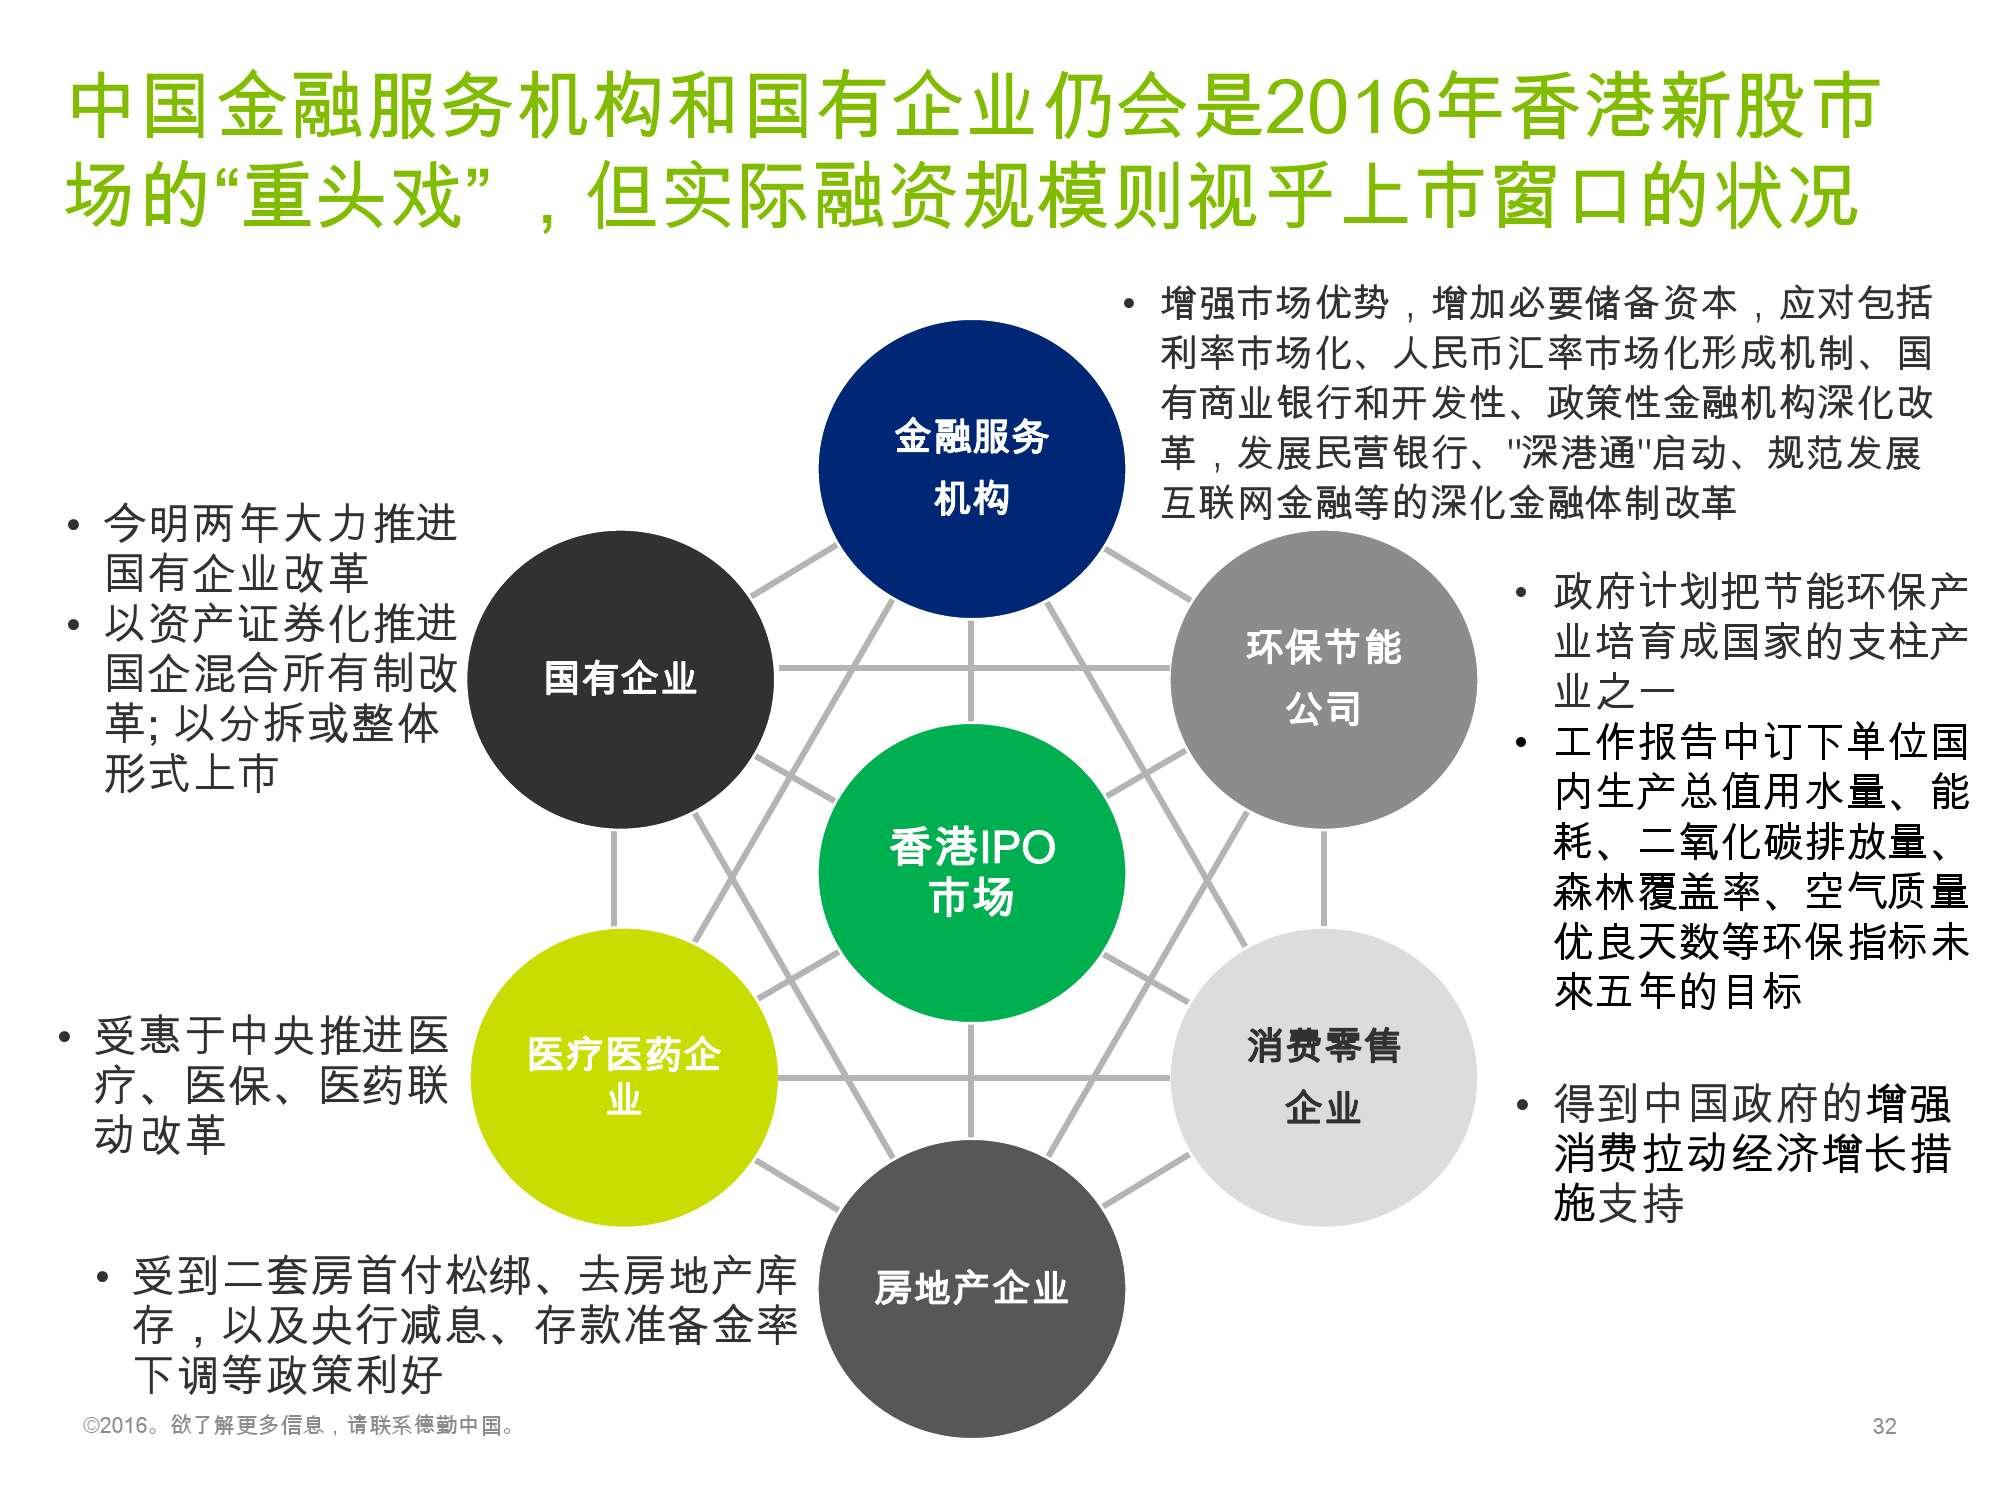 香港及中国大陆IPO市场2016年1季度_000032